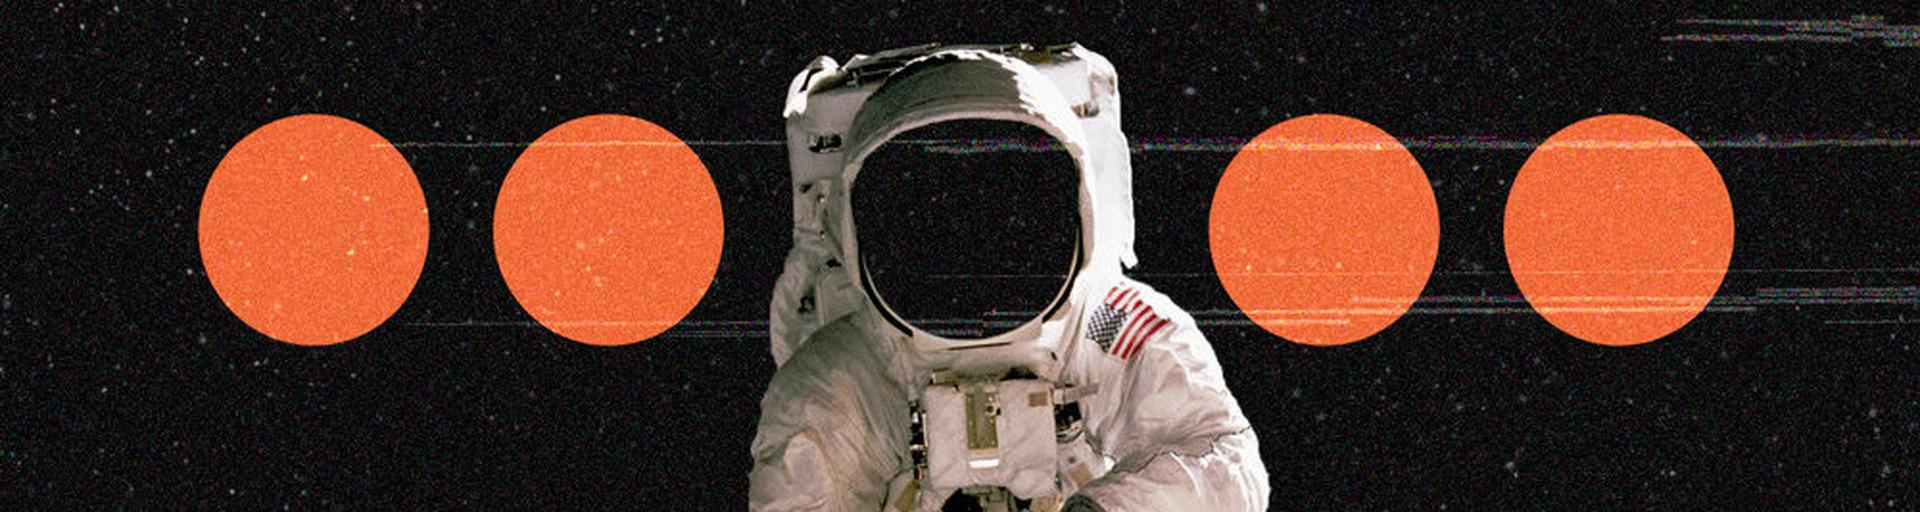 Космические отели, высадка наМарсе ижизнь наальфе Центавра: каким будет космос через60 лет